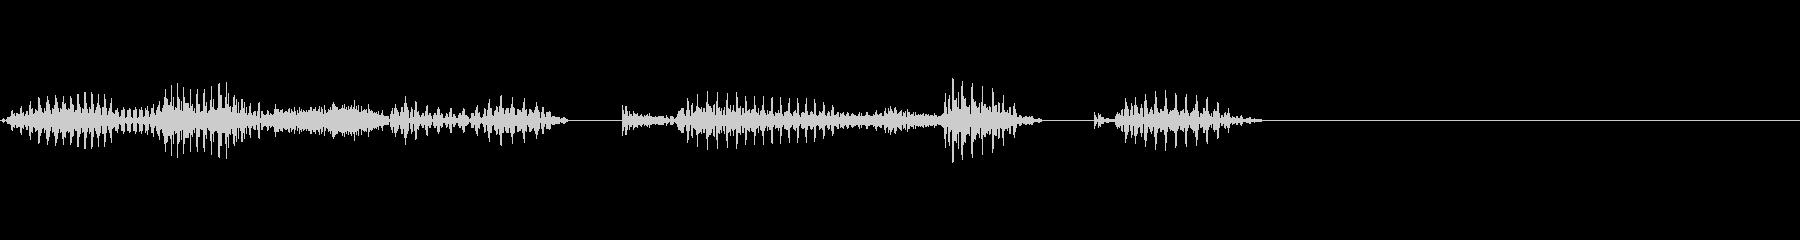 今すぐ検索(男性_低め、真面目)'s unreproduced waveform